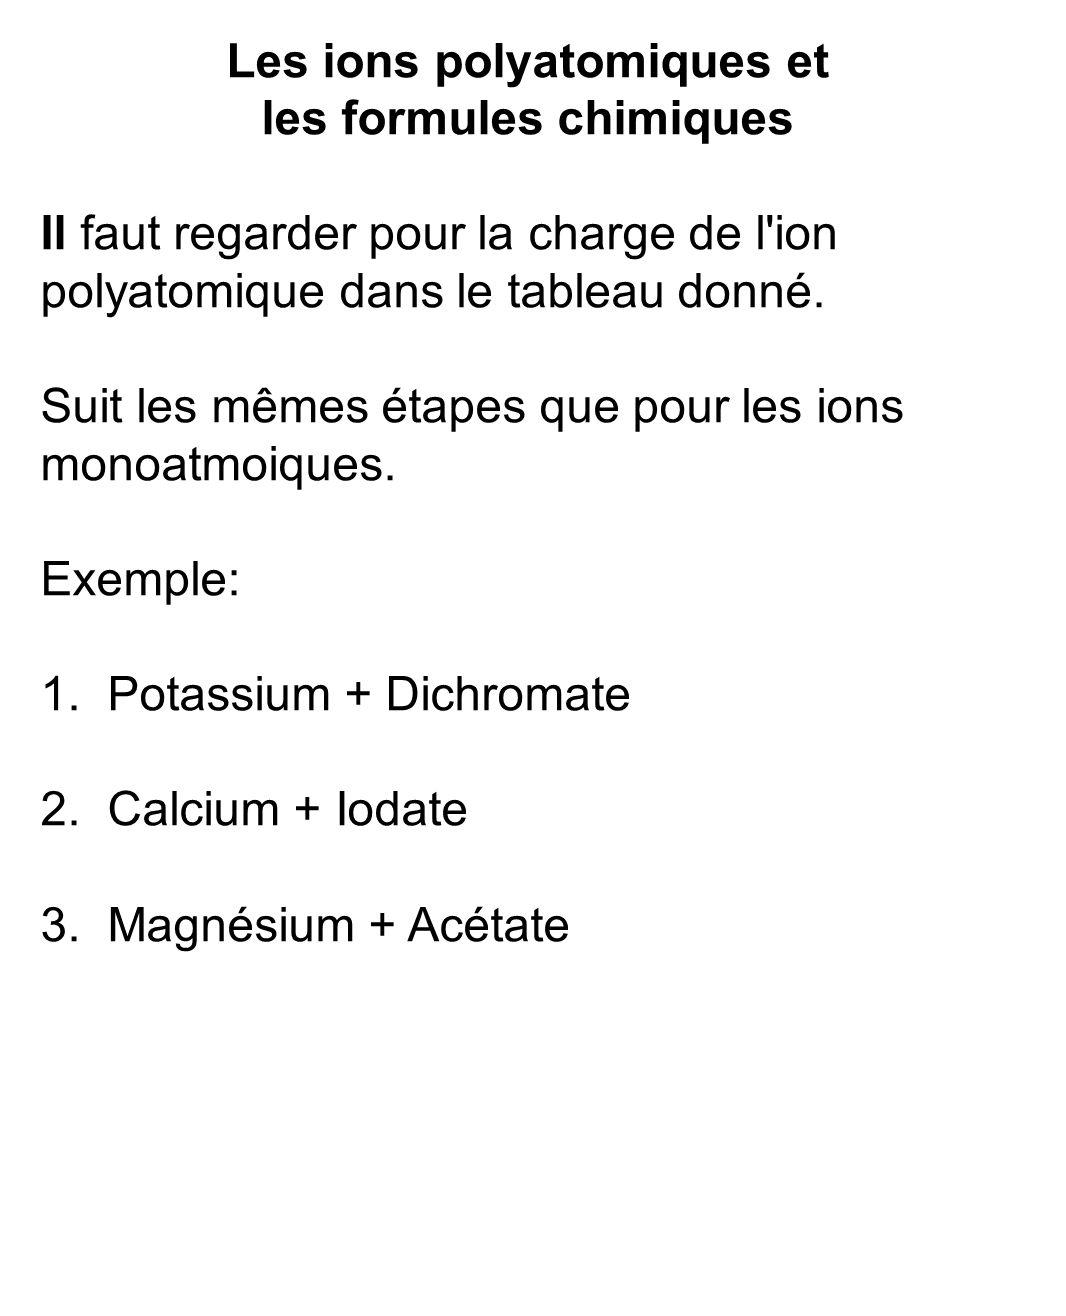 Les ions polyatomiques et les formules chimiques